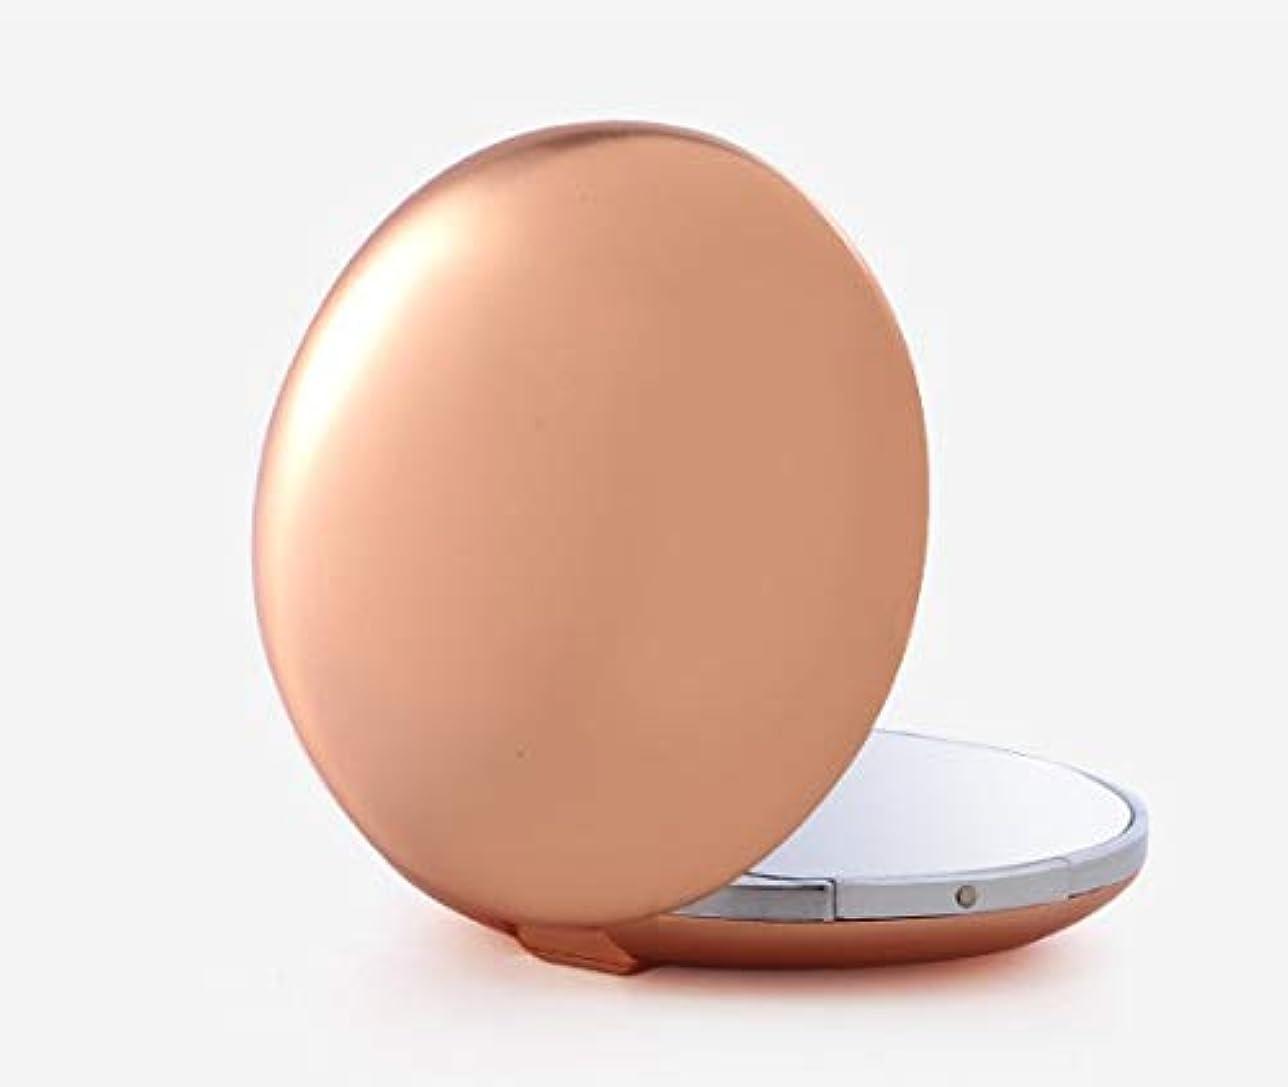 厚い雨の台無しに化粧鏡、ゴールド亜鉛合金テクスチャアップグレード化粧鏡化粧鏡化粧ギフト